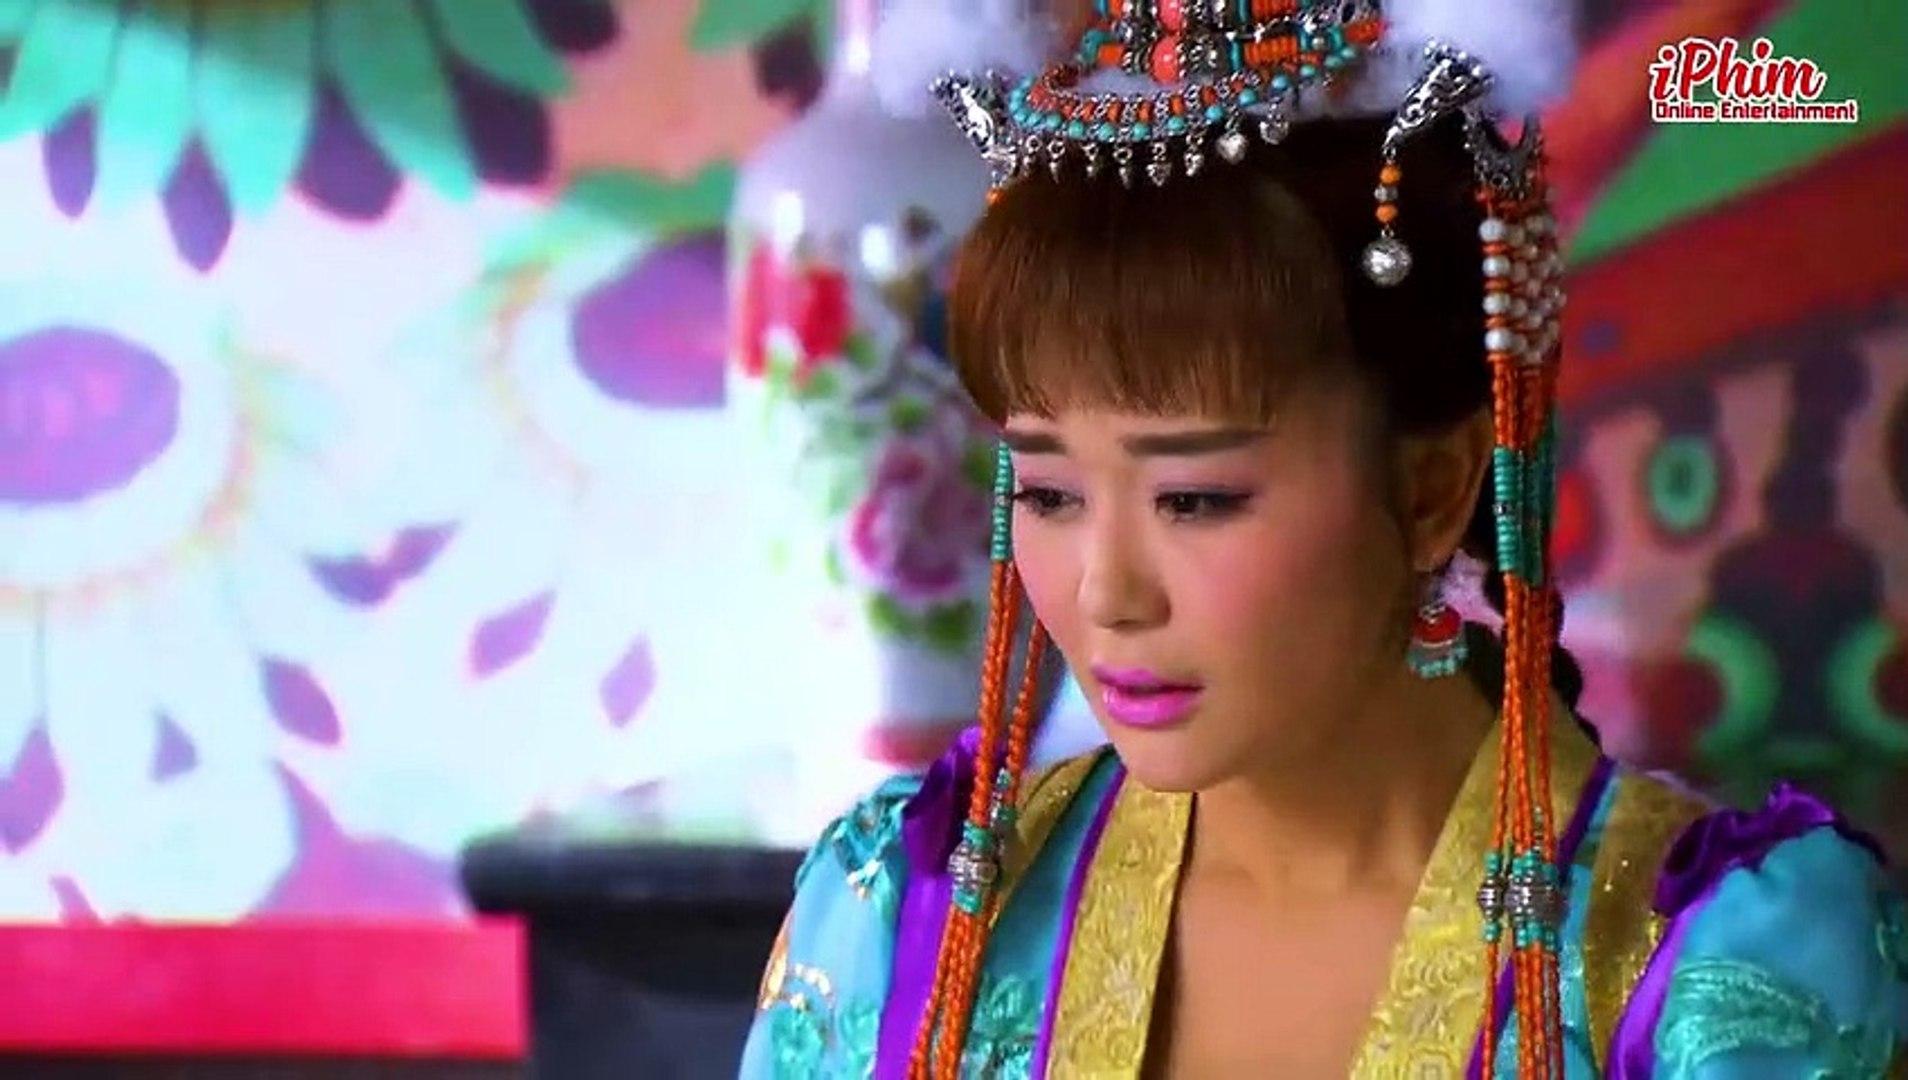 CHÂN MỆNH THIÊN TỬ Tập 15 - Phim Hay 2019 - Phim Võ Thuật Kiếm Hiệp - Cổ Trang Tiên Hiệp